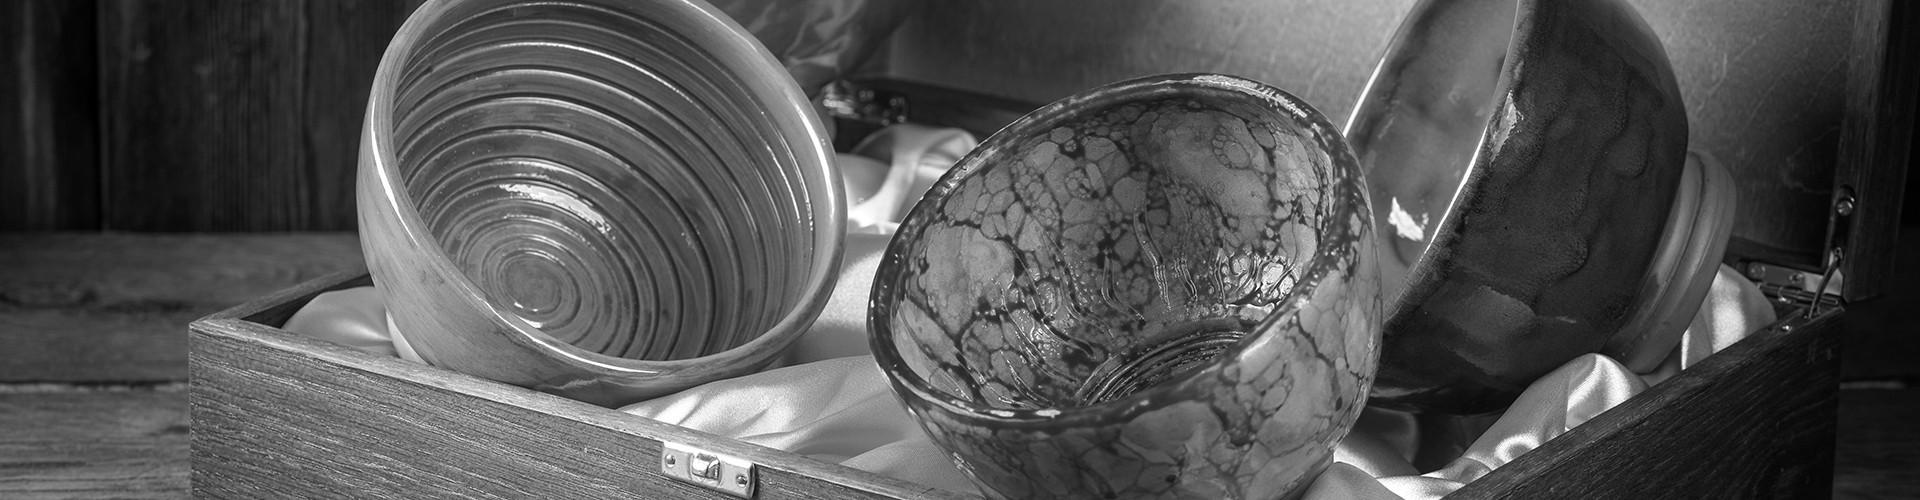 Bols pour savons de rasage traditionnels